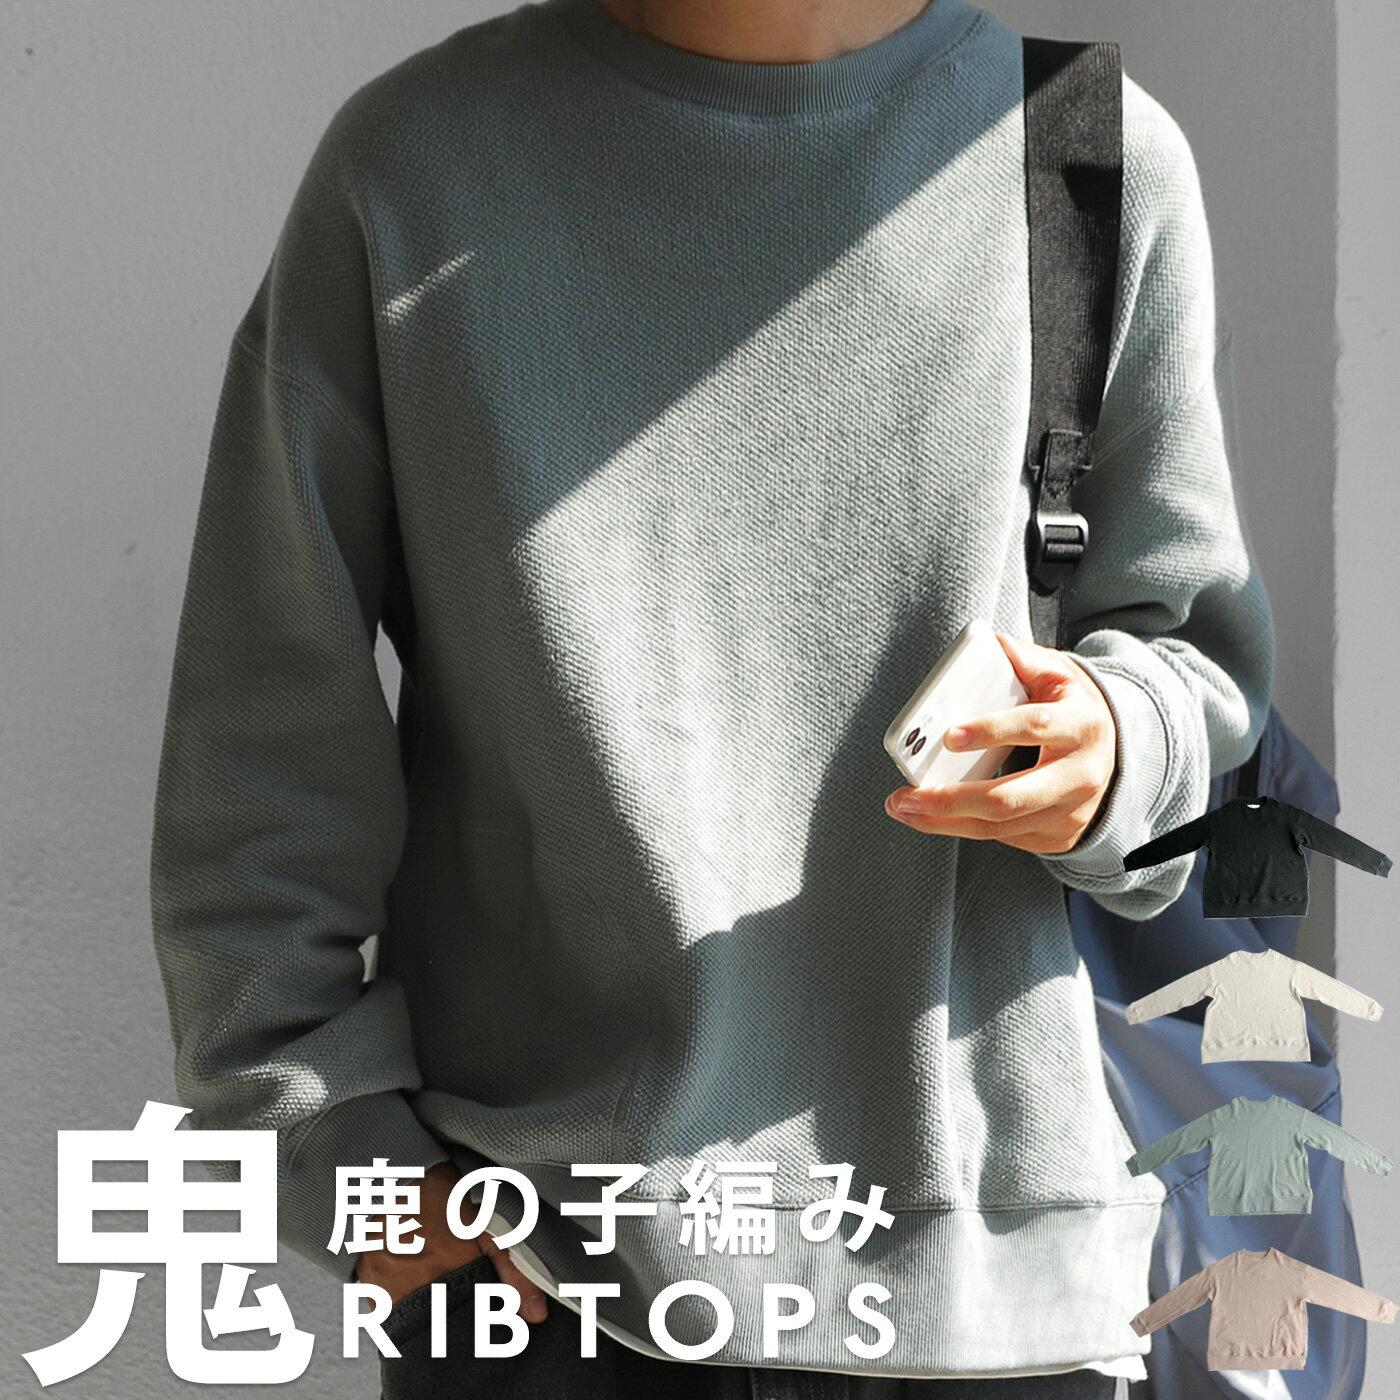 鬼鹿の子編みトップス プルオーバー メンズ 長袖 送料無料・9月3日20時~発売。メール便不可【Z】